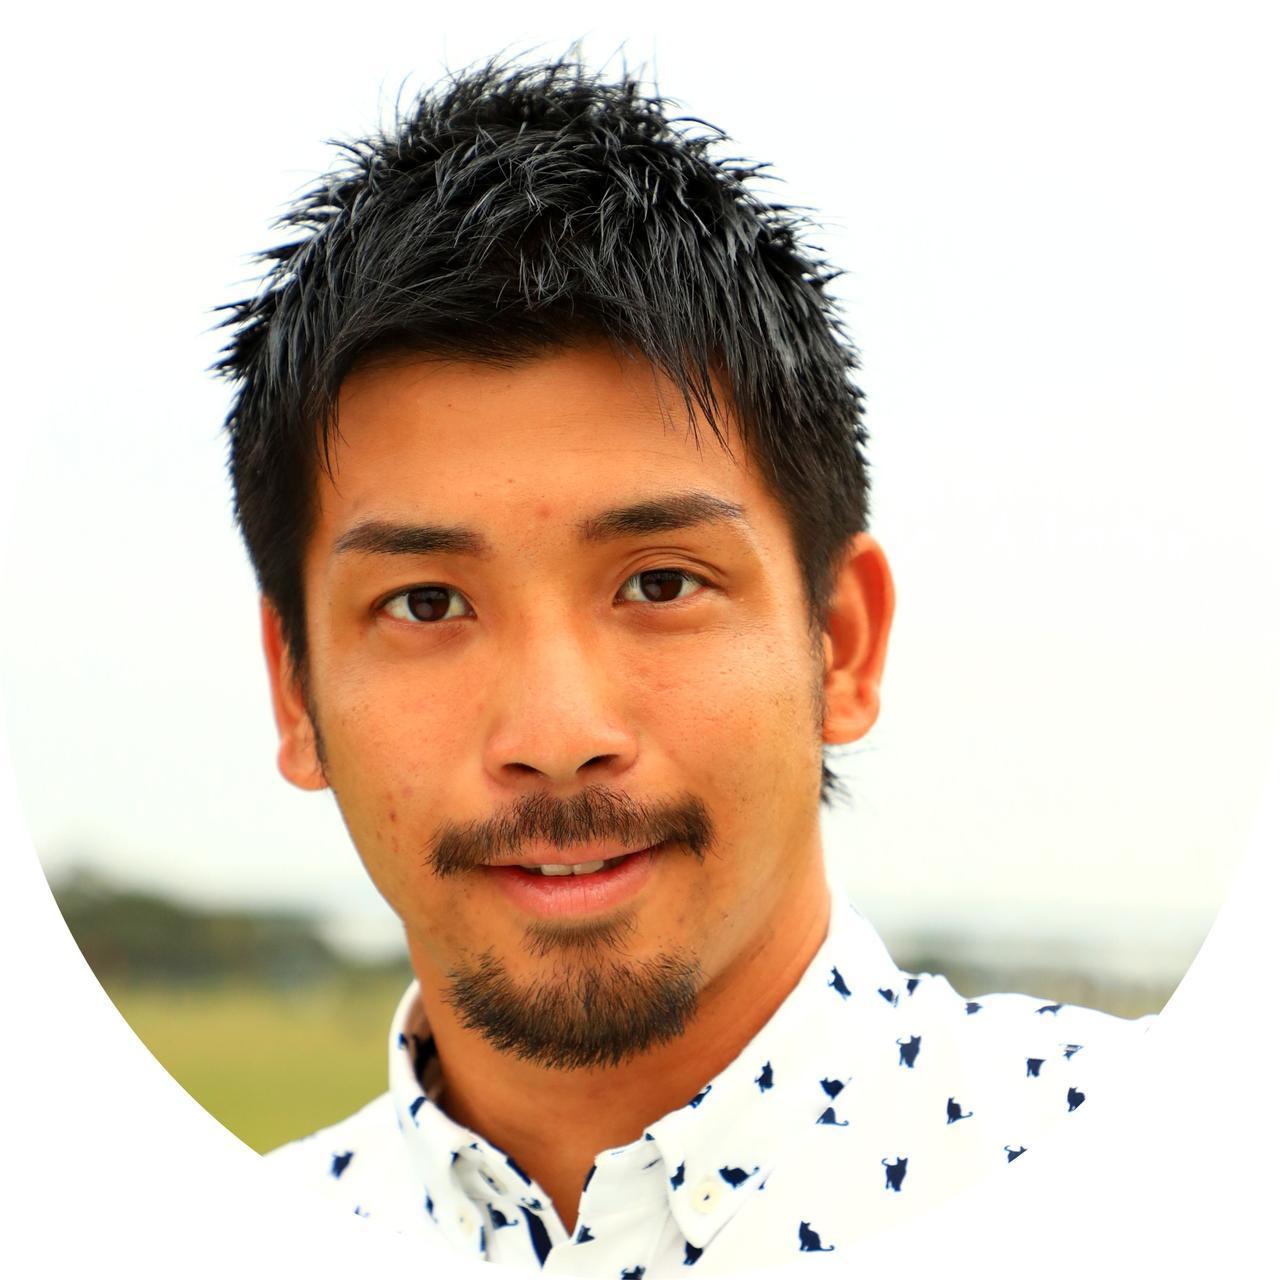 画像: 【解説/伊澤秀憲プロ】 いざわひでのり。1991年生まれ神奈川県出身。体の仕組みから考えた自然な動きのスウィングを推奨。叔父は伊澤利光プロ